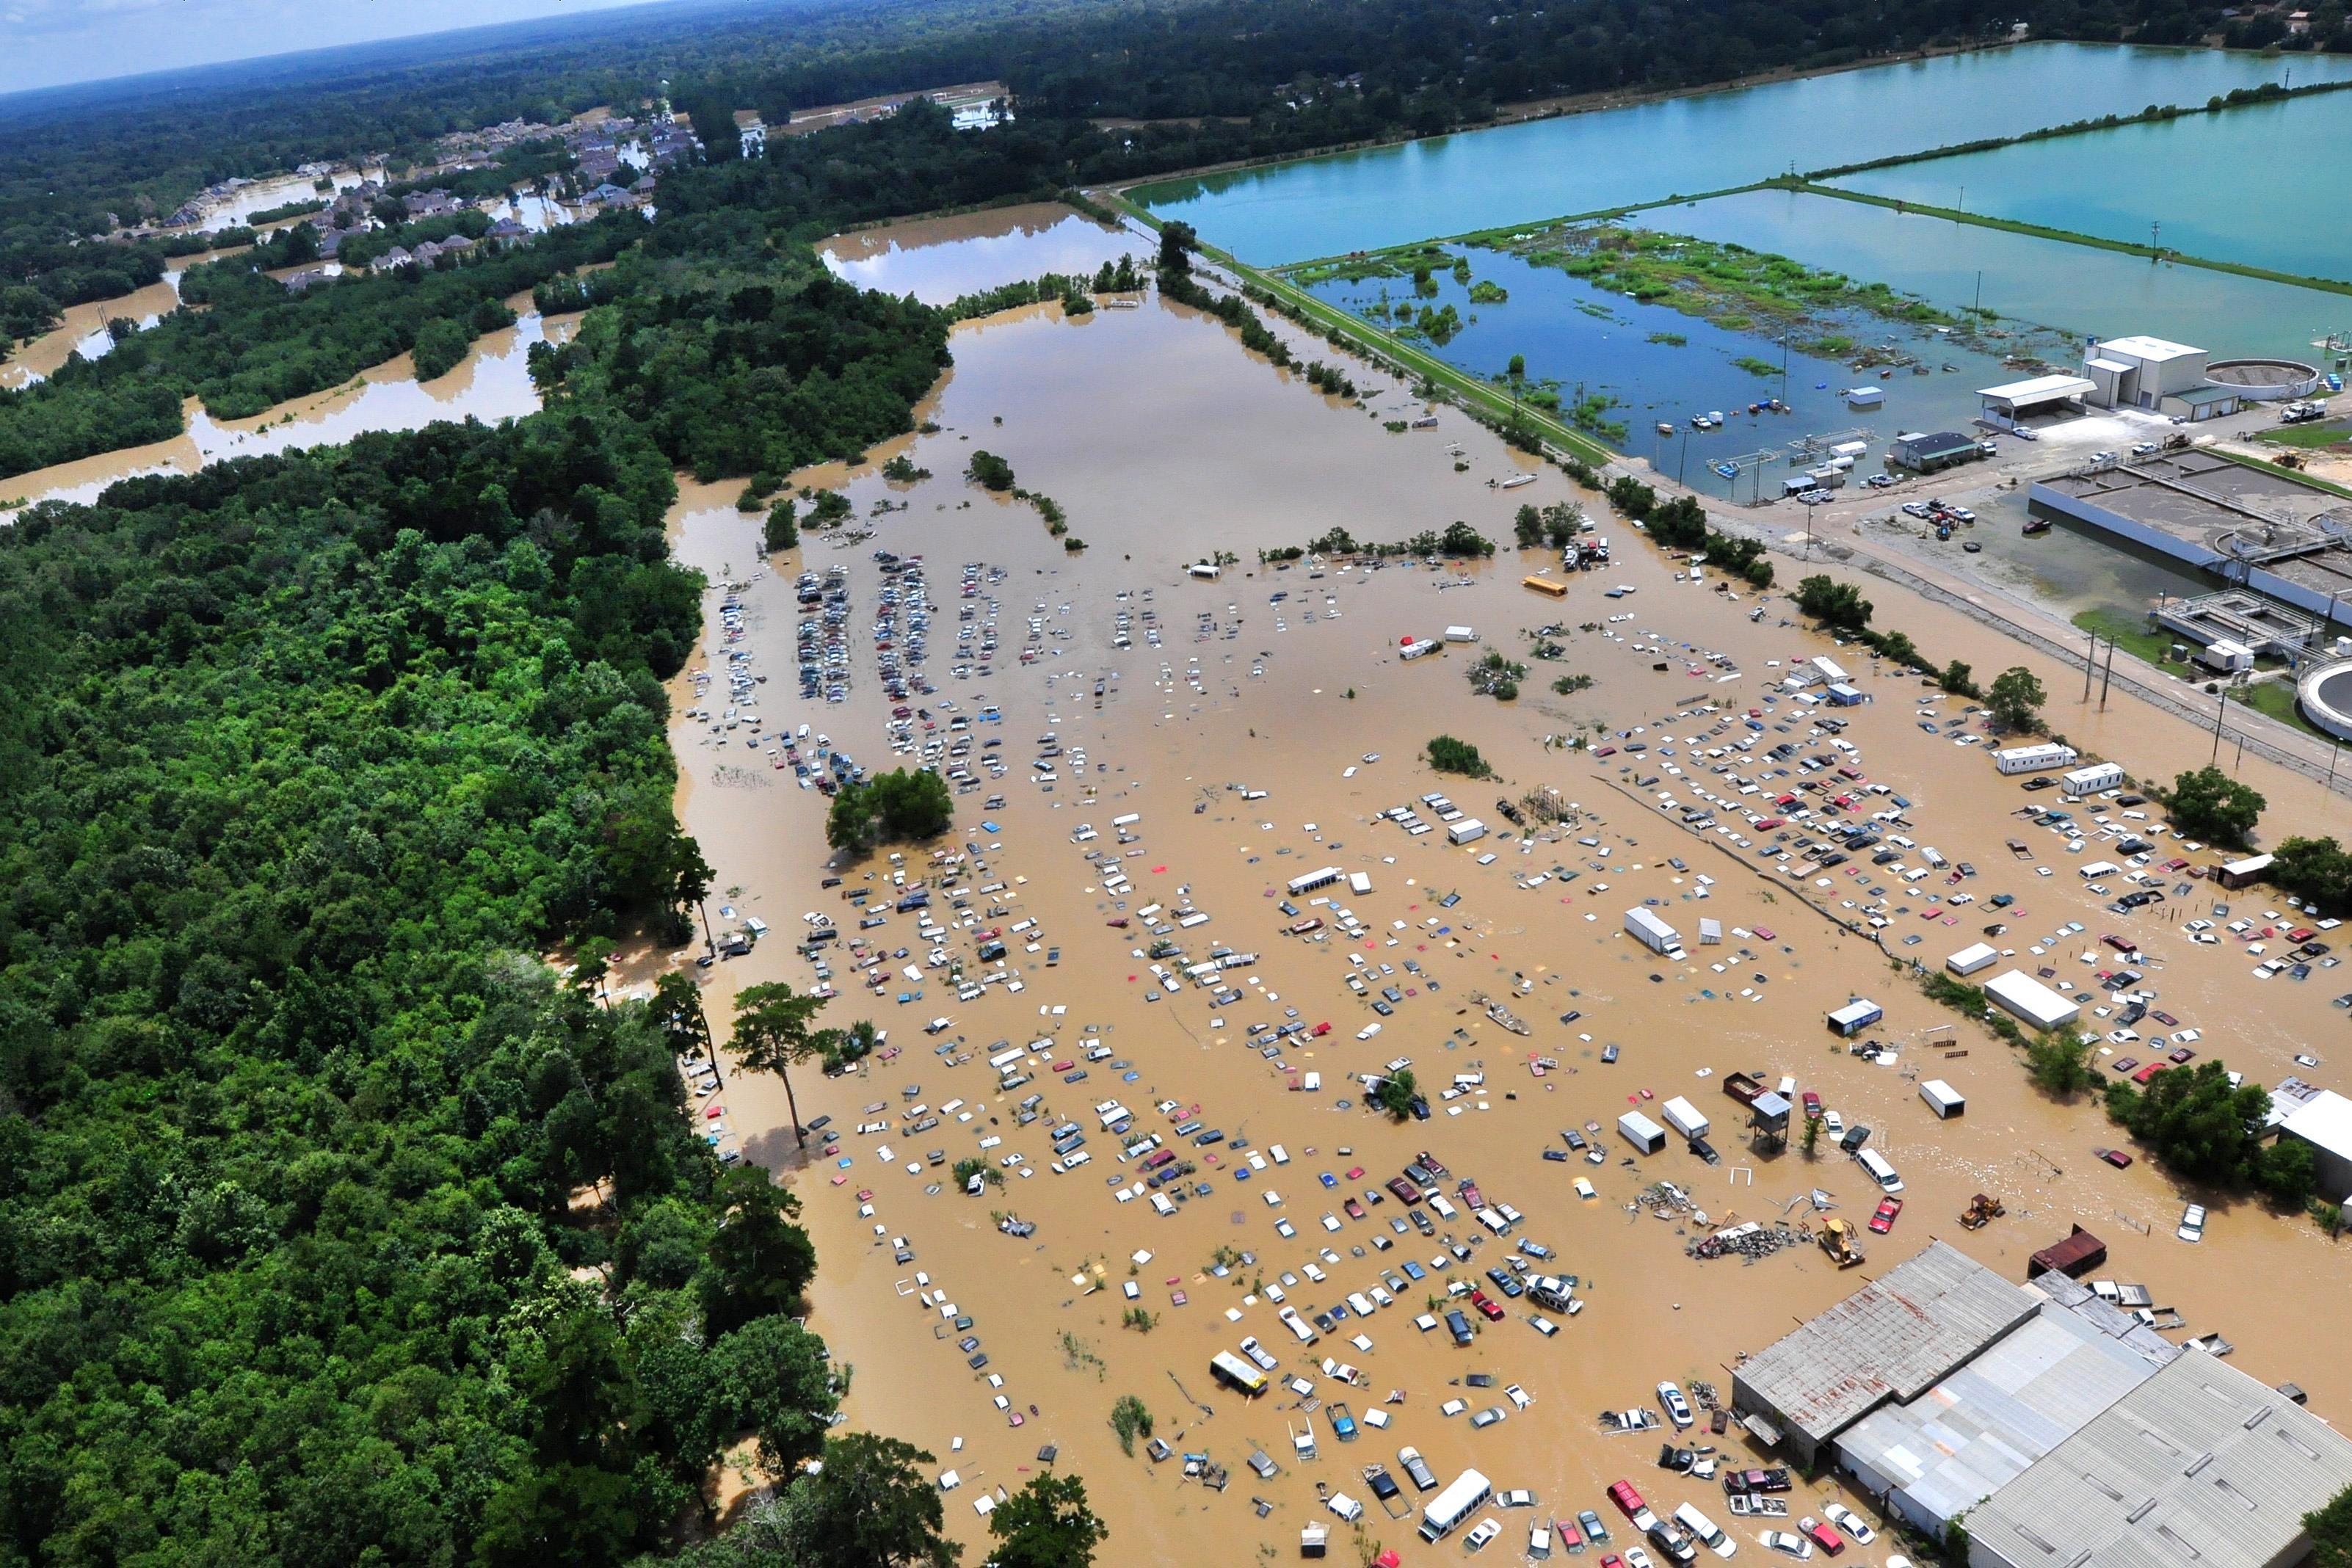 Flooded Baton Rouge 20160815-OC-DOD-0009.jpg